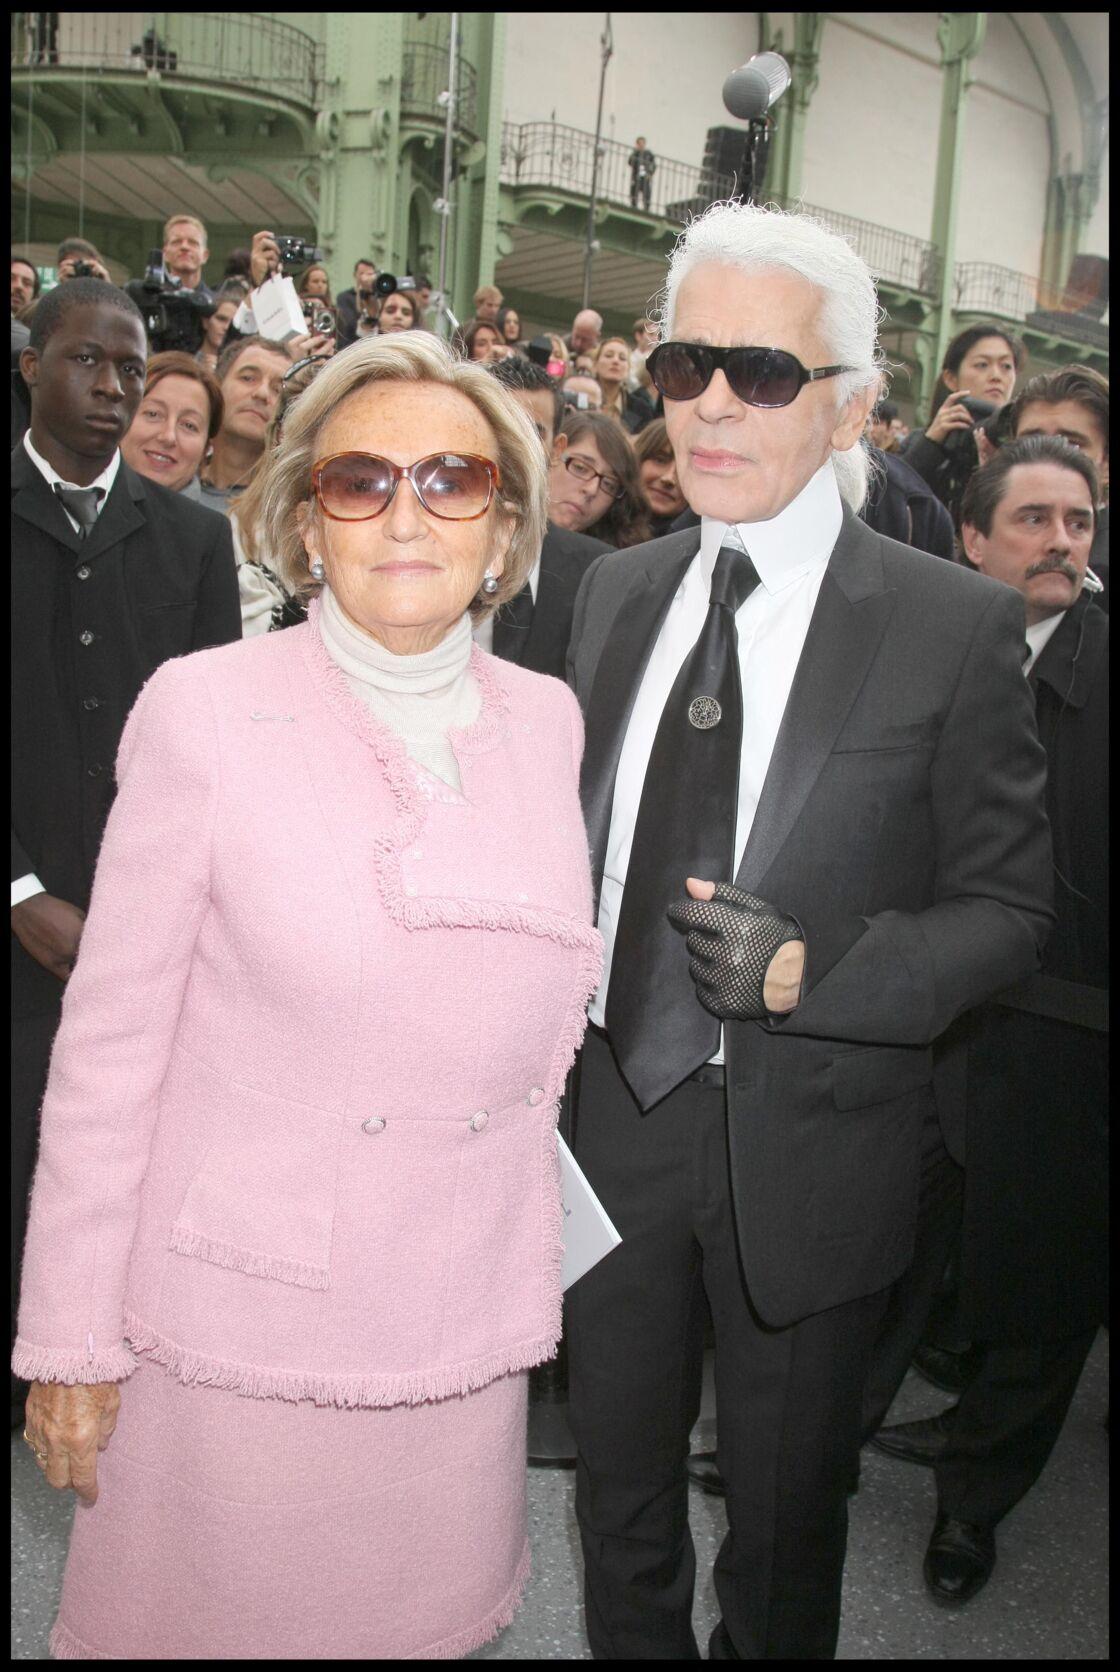 Bernadette Chirac aux côtés de Karl Lagerfeld, au défilé Chanel de la collection printemps-été 2009.